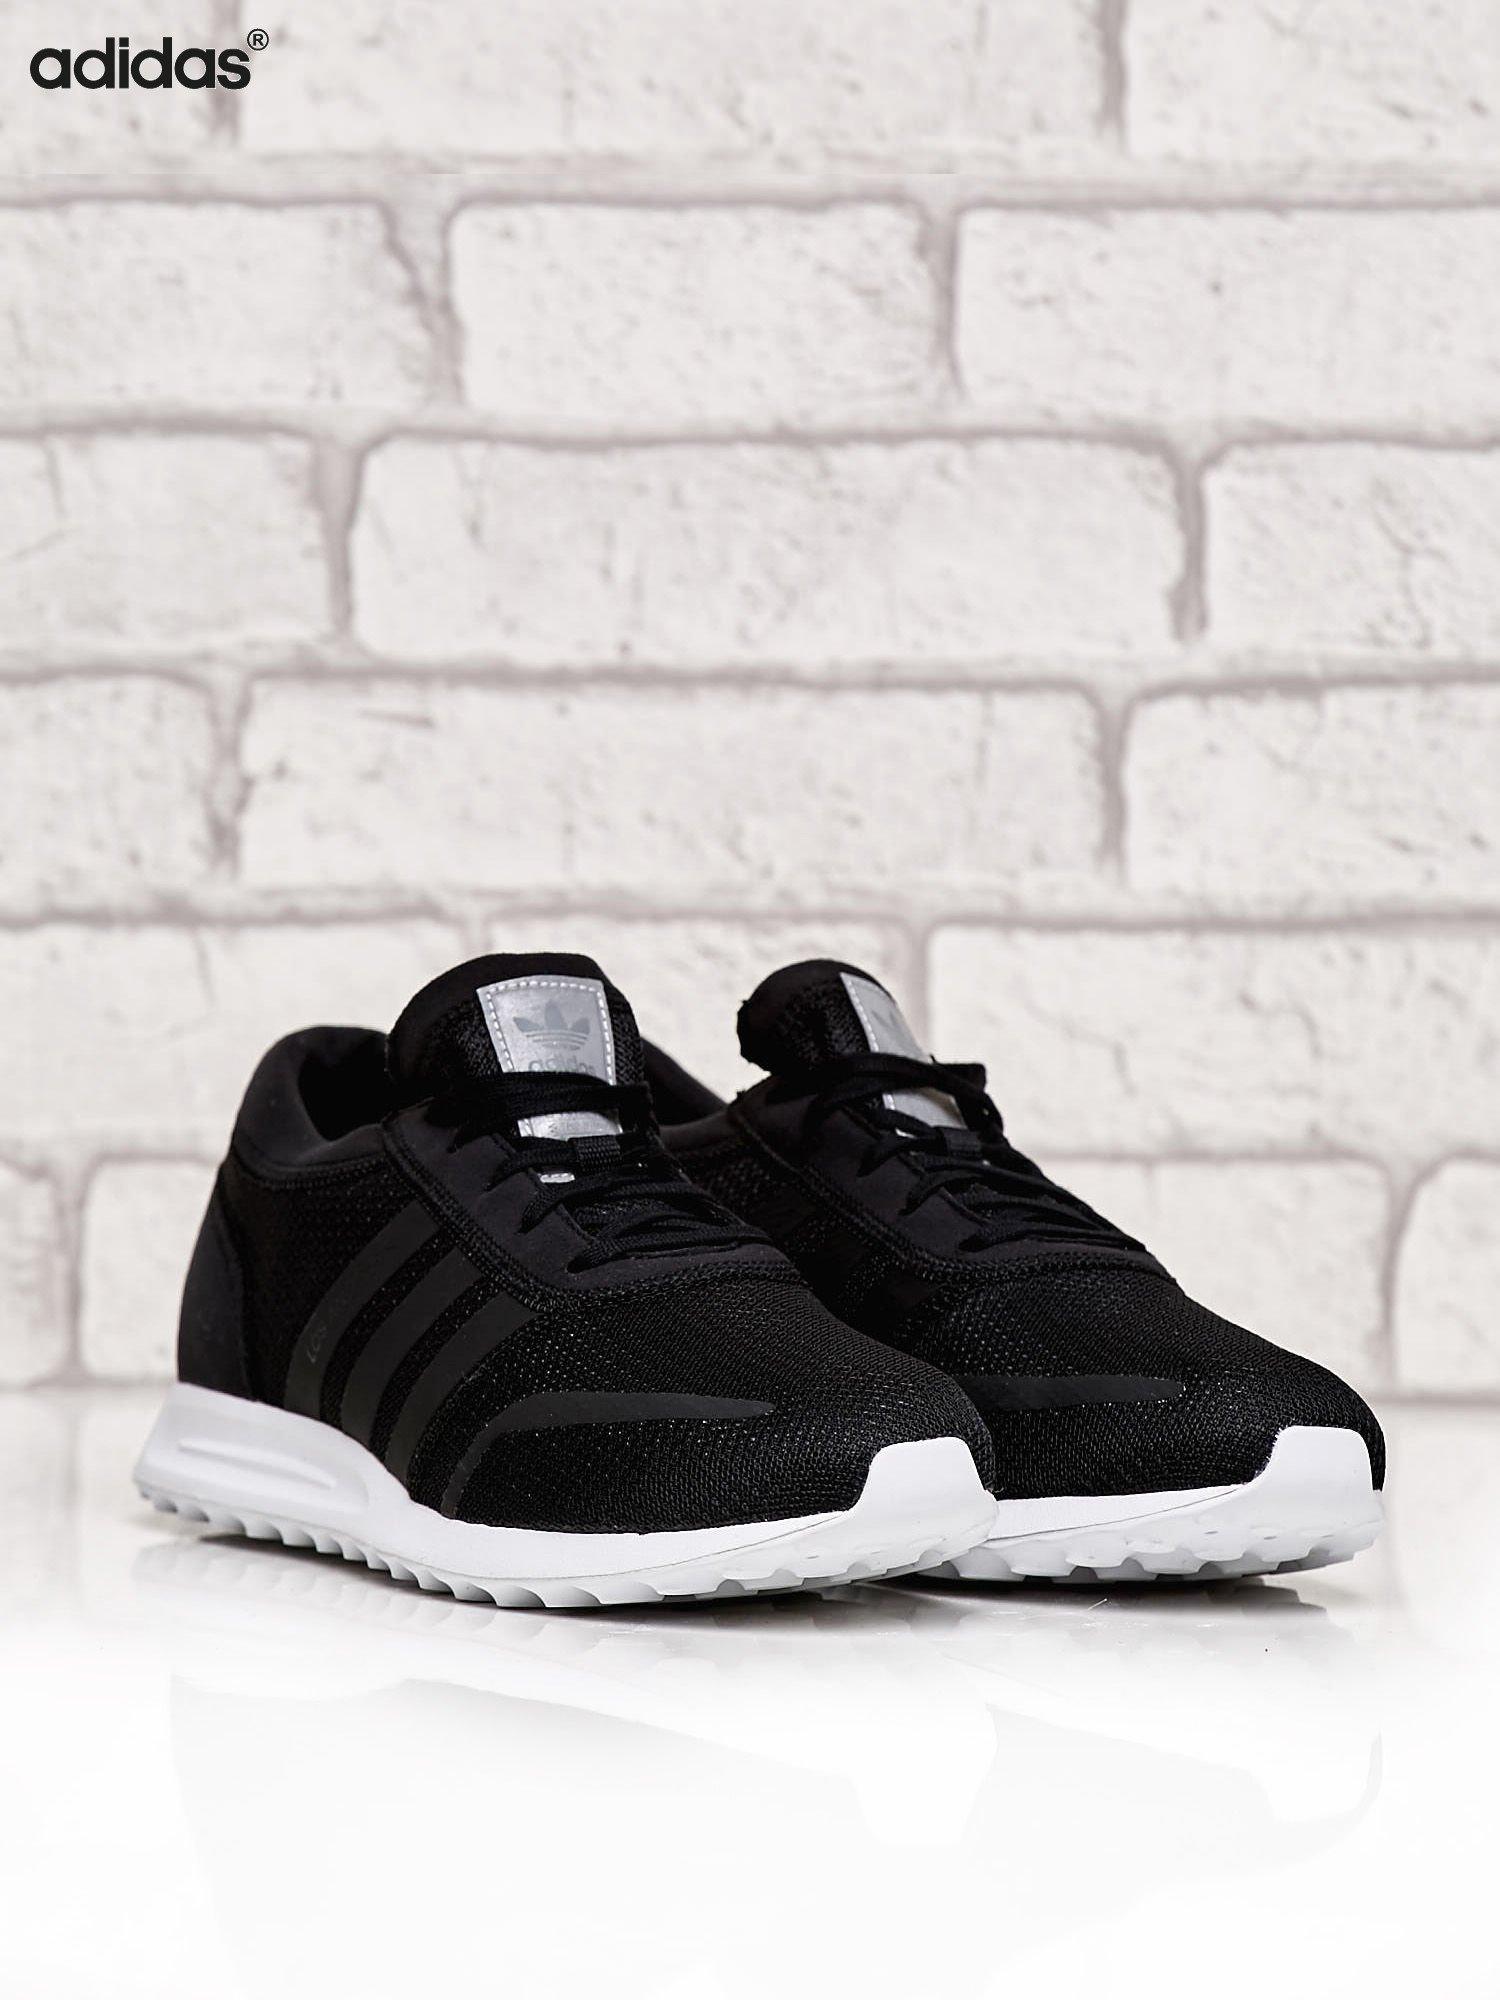 c7626de0694e0 ADIDAS czarne buty męskie Originals Los Angeles z wypustkami na podeszwie -  Mężczyźni Buty męskie - sklep eButik.pl